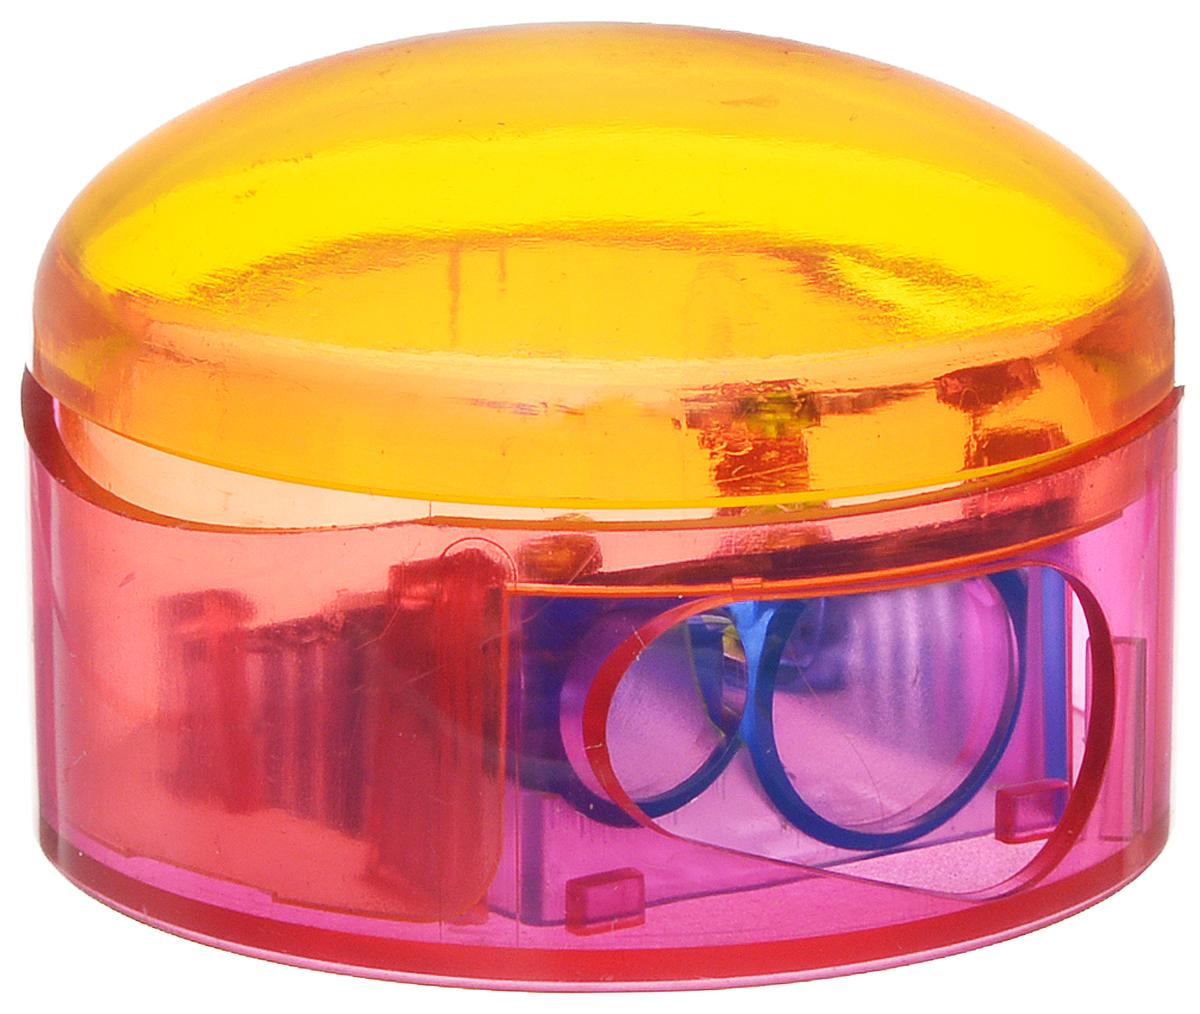 M+R Точилка Top Duo цвет оранжевый розовый307AgrnТочилка M+R Top Duo выполнена из прочного пластика.В точилке имеются два отверстия для карандашей разного диаметра. Точилка подходит для различных видов карандашей. При повороте пластикового контейнера, отверстия закрываются.Полупрозрачный контейнер для сбора стружки позволяет визуально контролировать уровень заполнения и вовремя производить очистку.